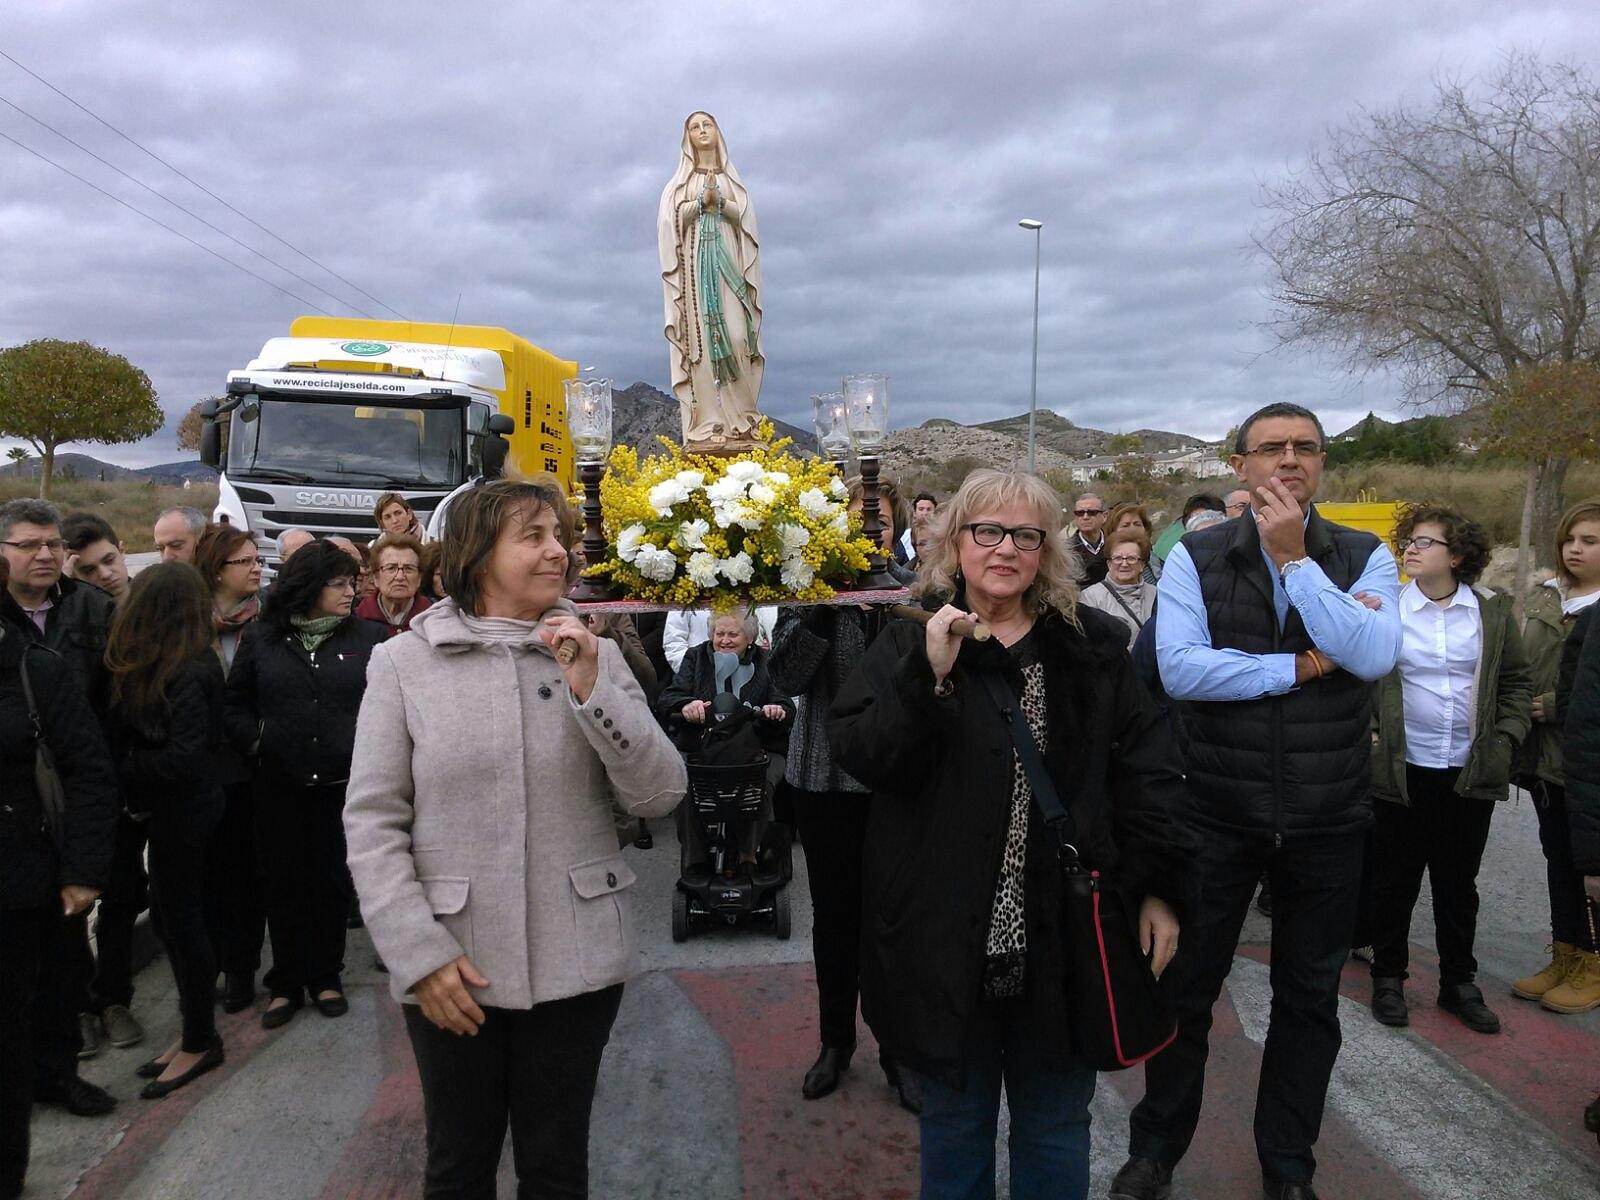 (2016-02-13) - Inauguración Virgen de Lourdes, La Molineta - Pascual Serrano (06)